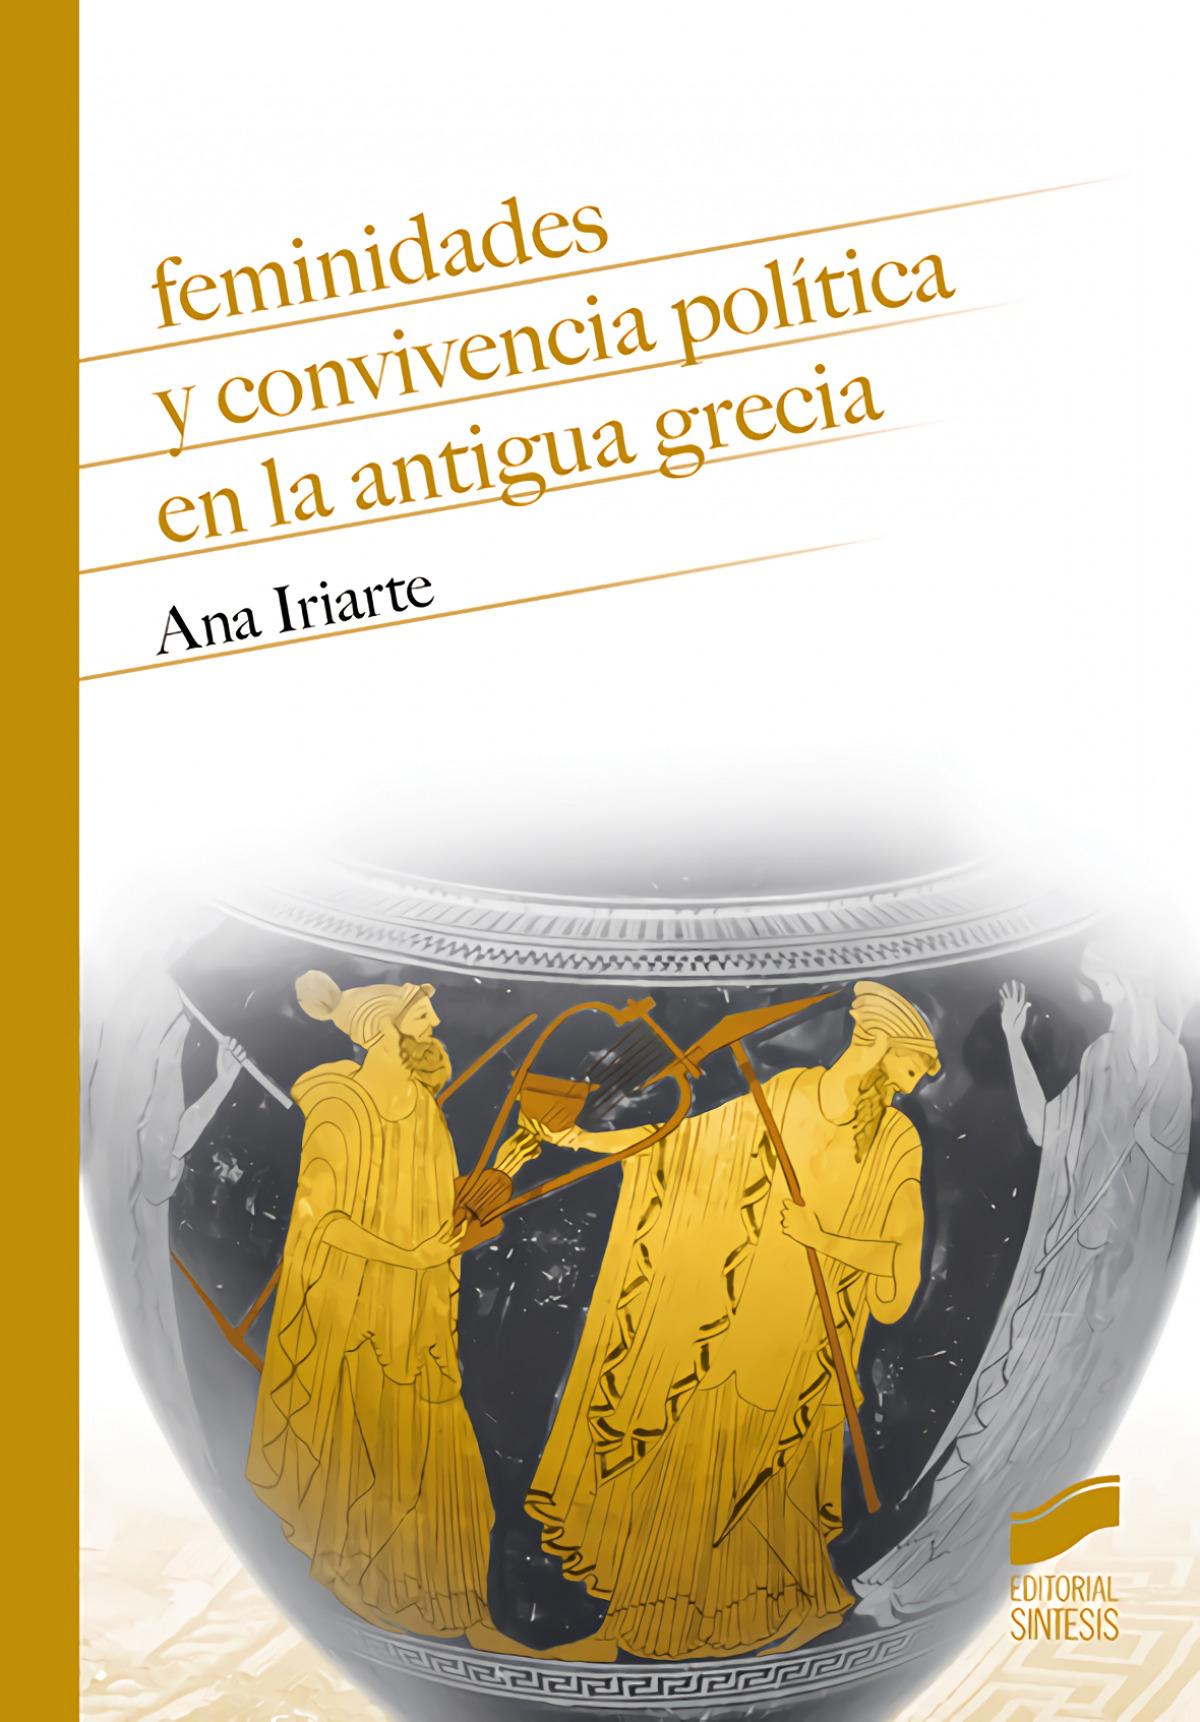 Feminidades y convivencia pol¡tica en la antigua Grecia